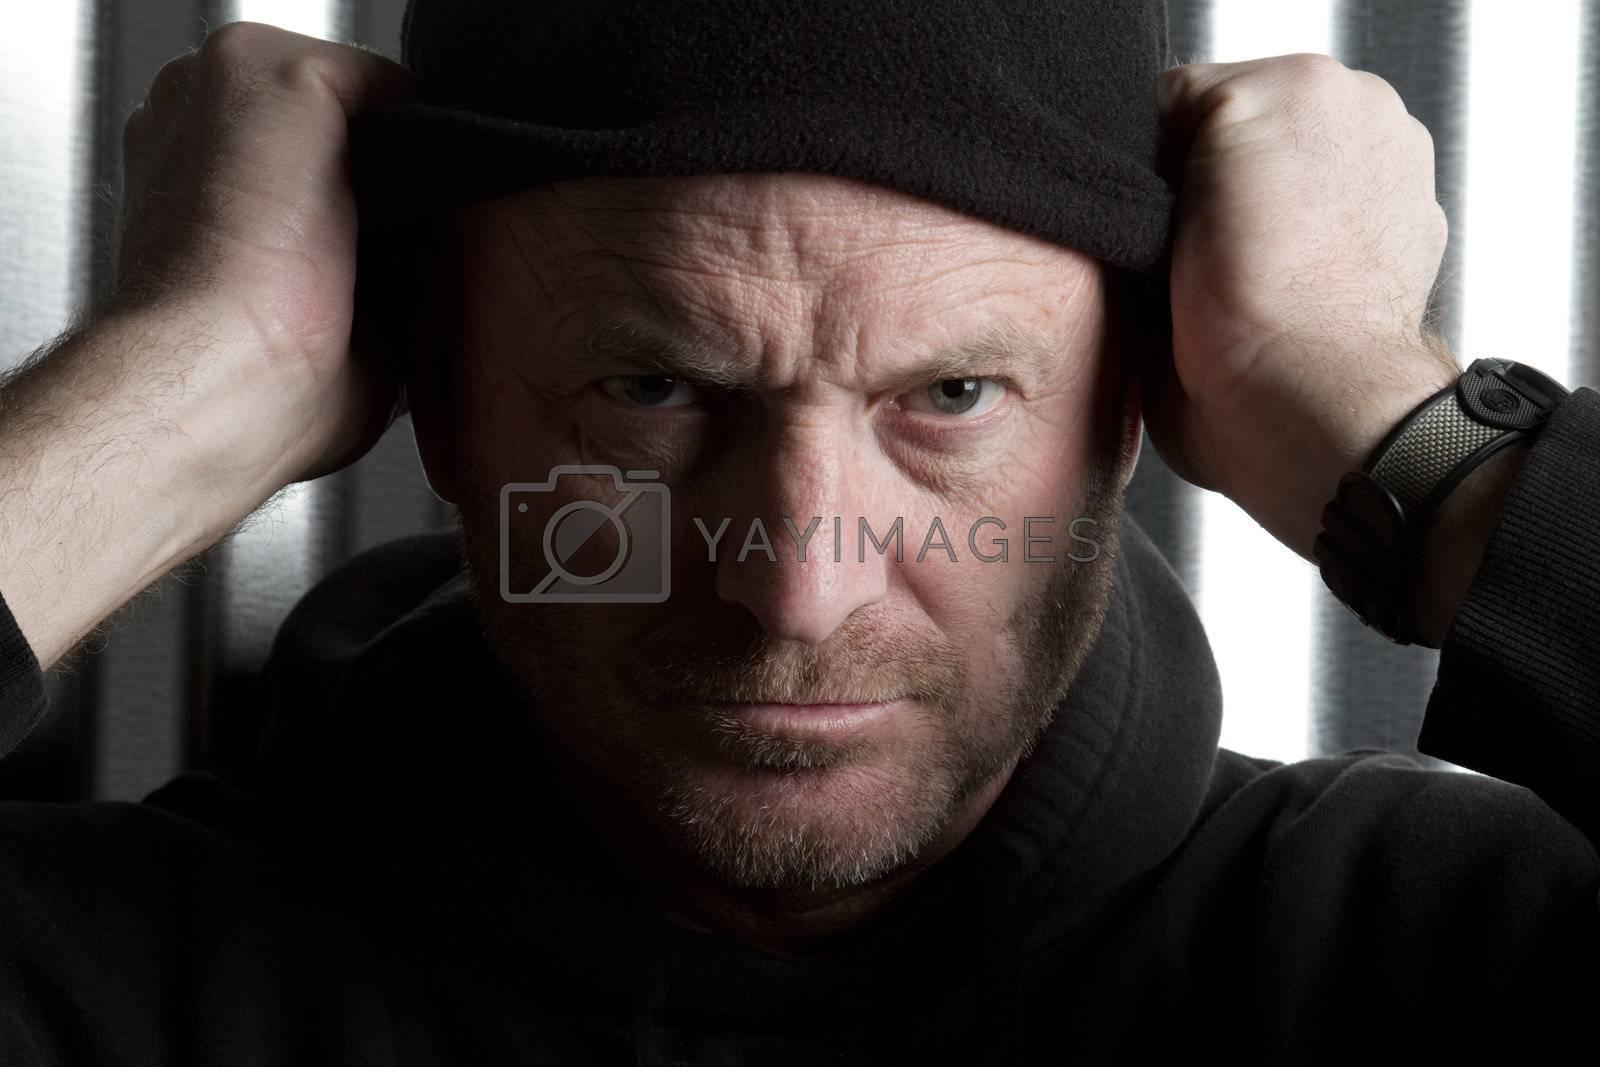 Criminal man wearing black beanie